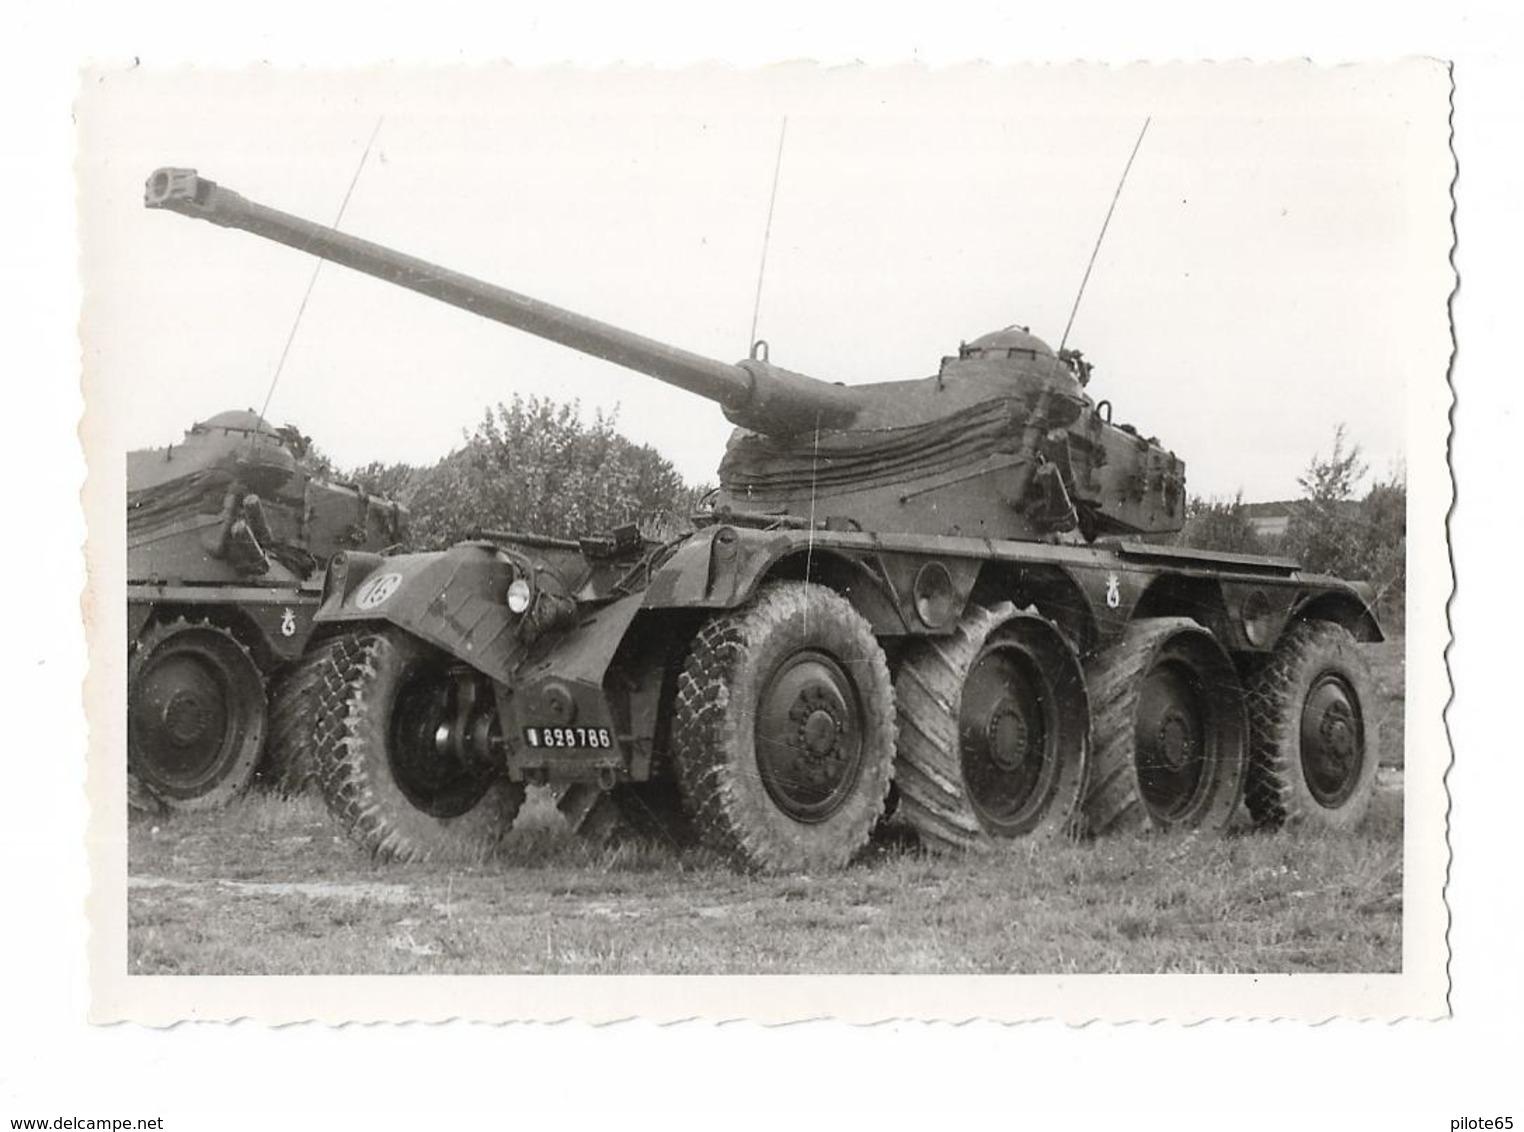 PHOTO ANCIENNE NOIR ET BLANC / CHAR DE COMBAT AVEC 8 ROUES A  IDENTIFIER   / MILITAIRE / SOLDAT - Guerre, Militaire